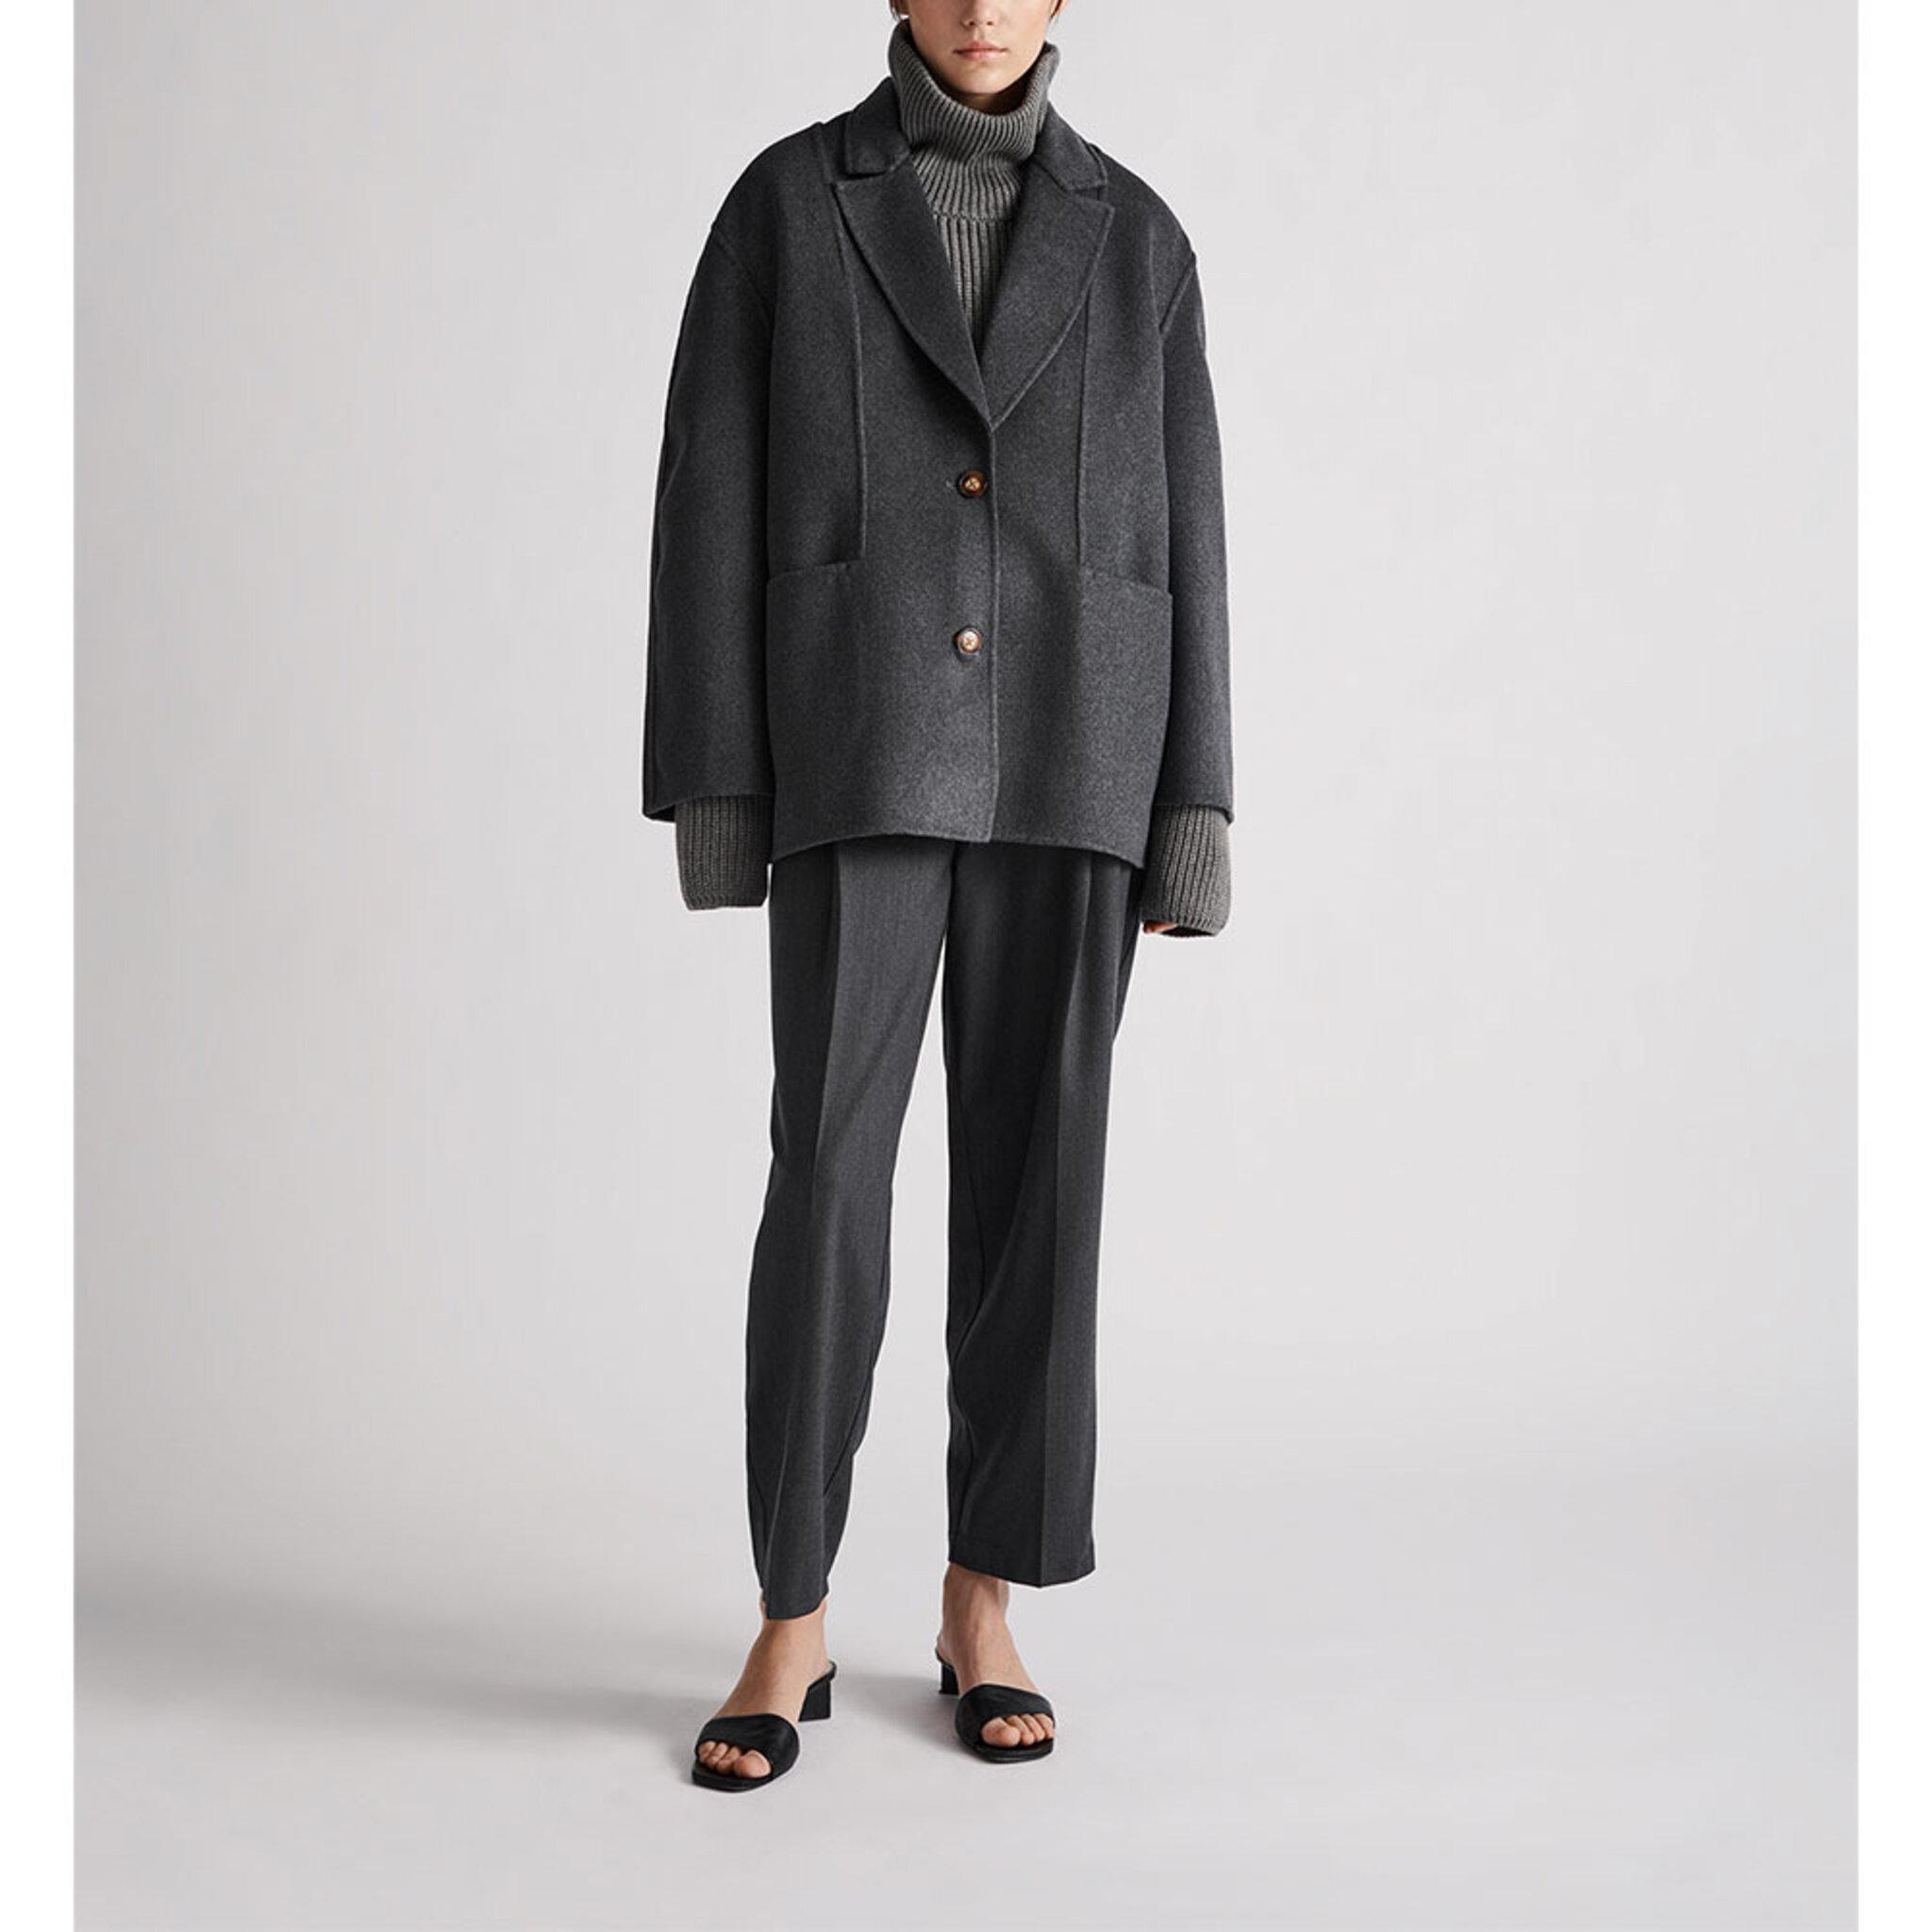 Tibro Jacket